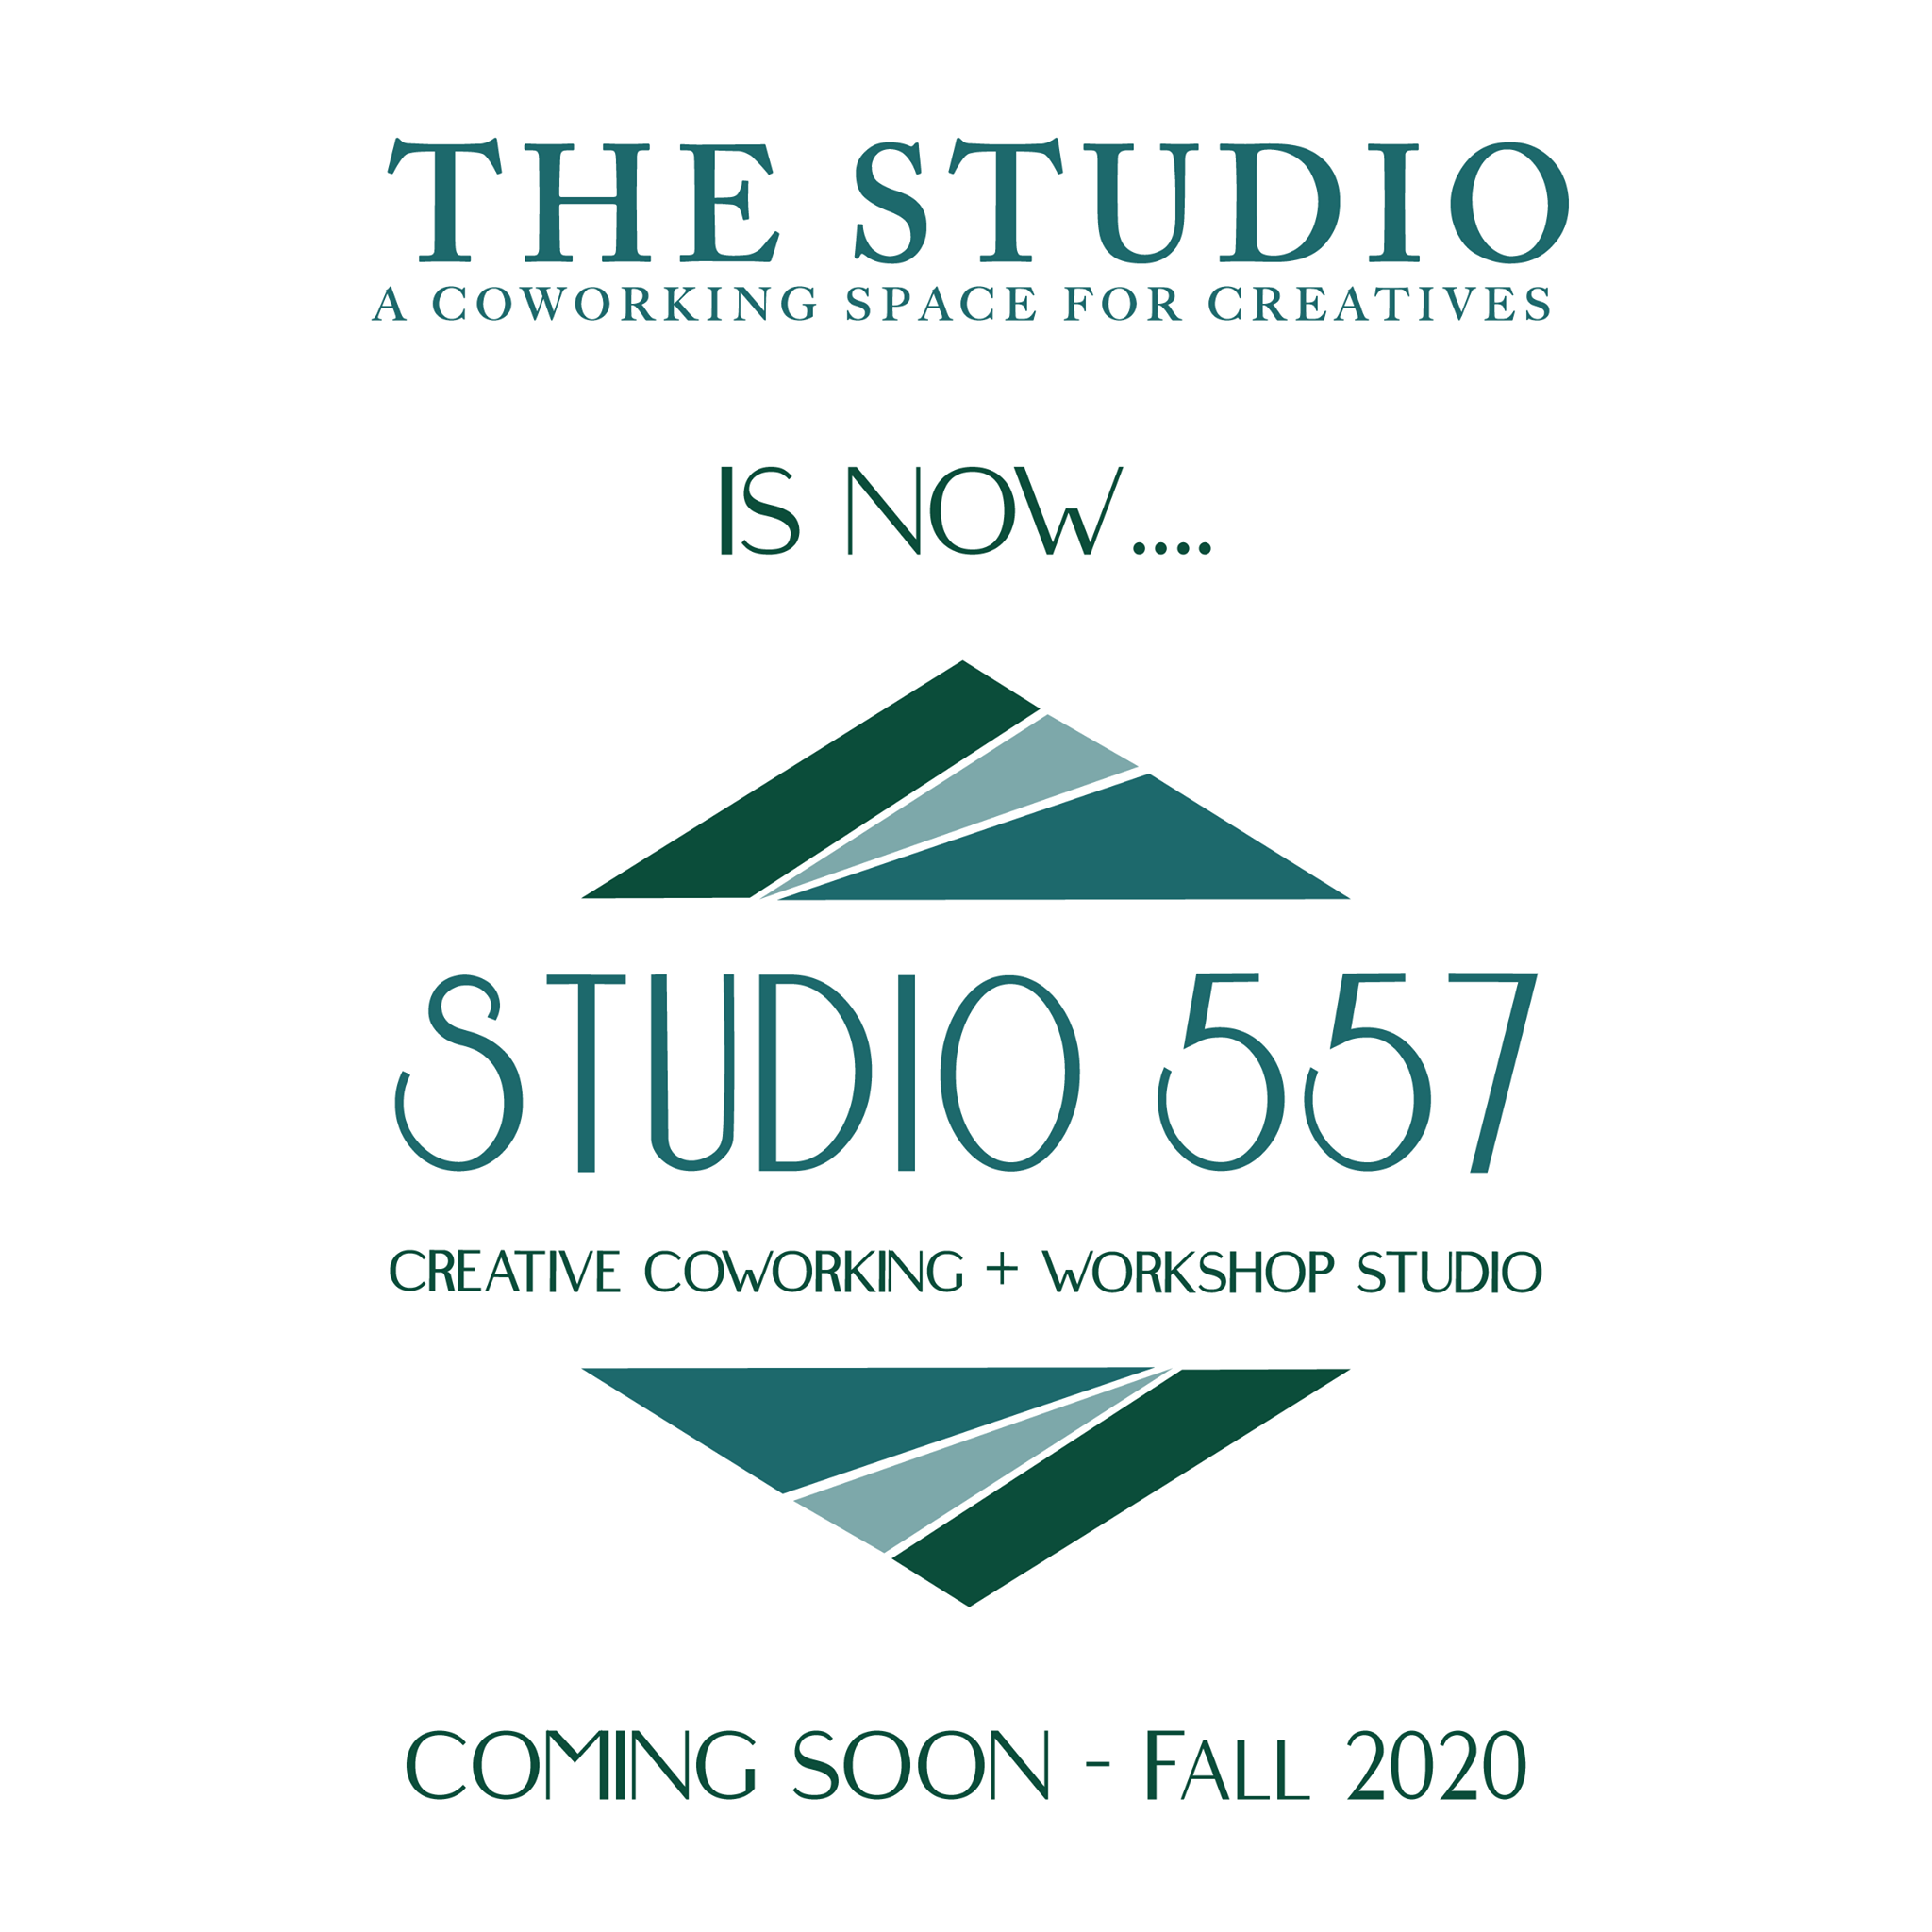 TSHS_Studio557